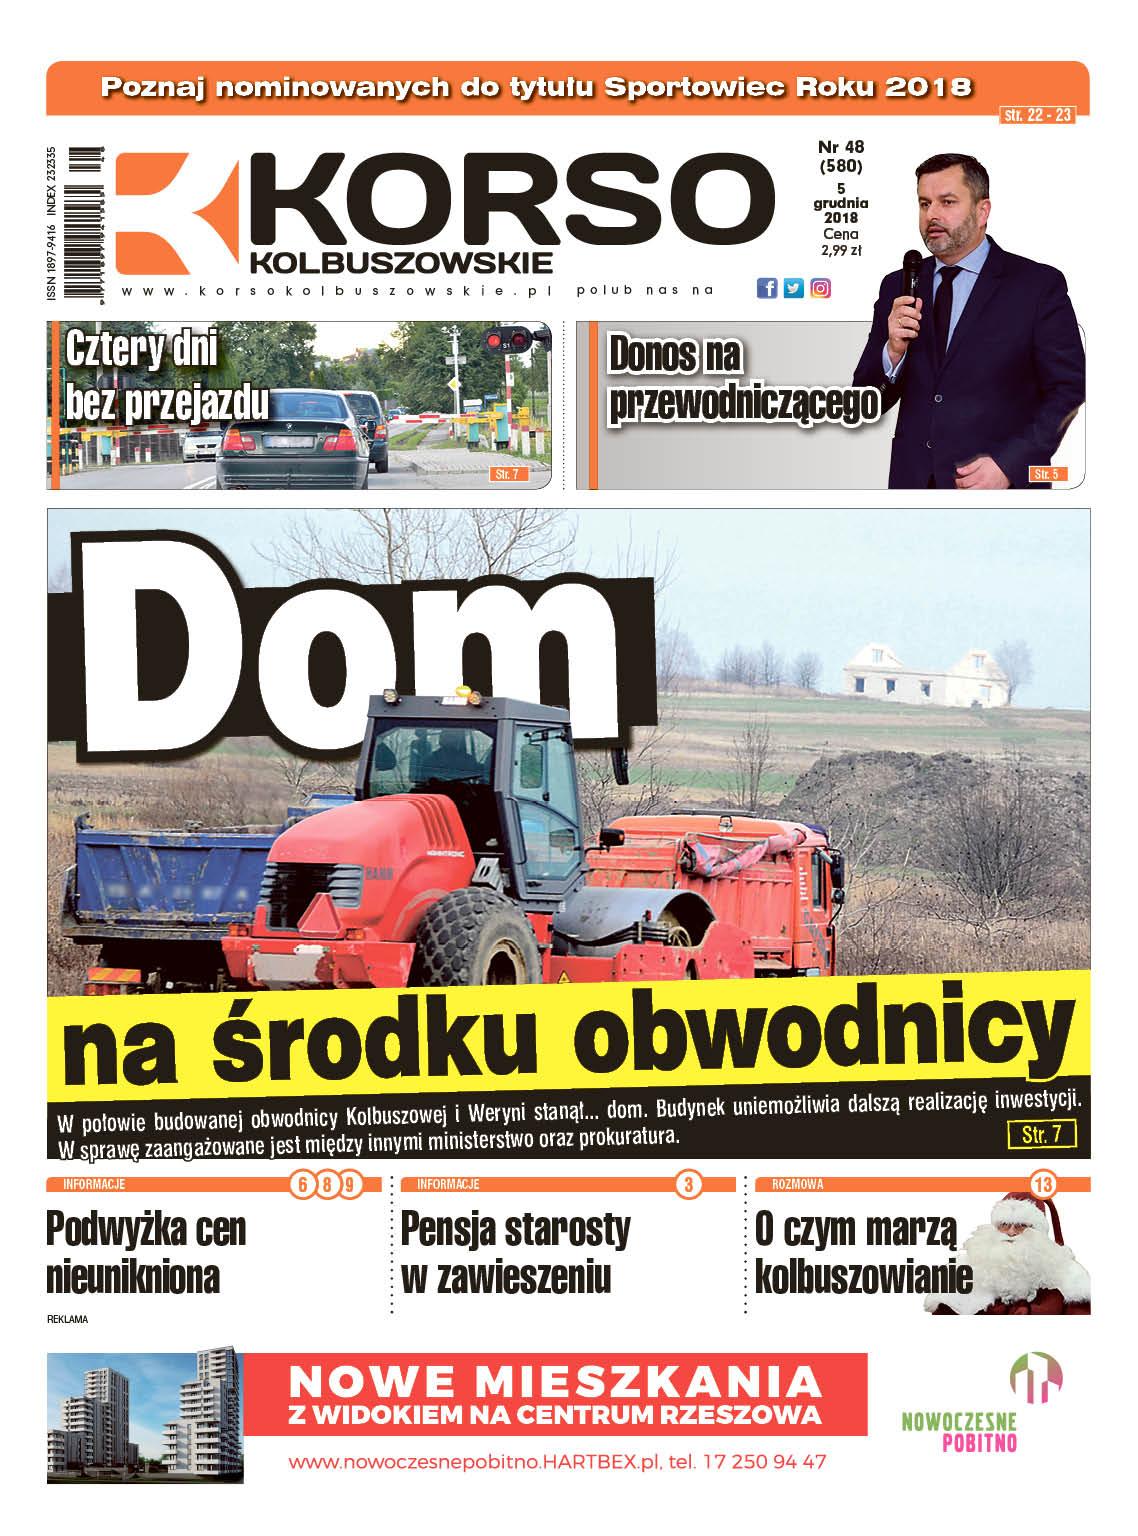 Korso Kolbuszowskie - nr 48/2018 - Zdjęcie główne